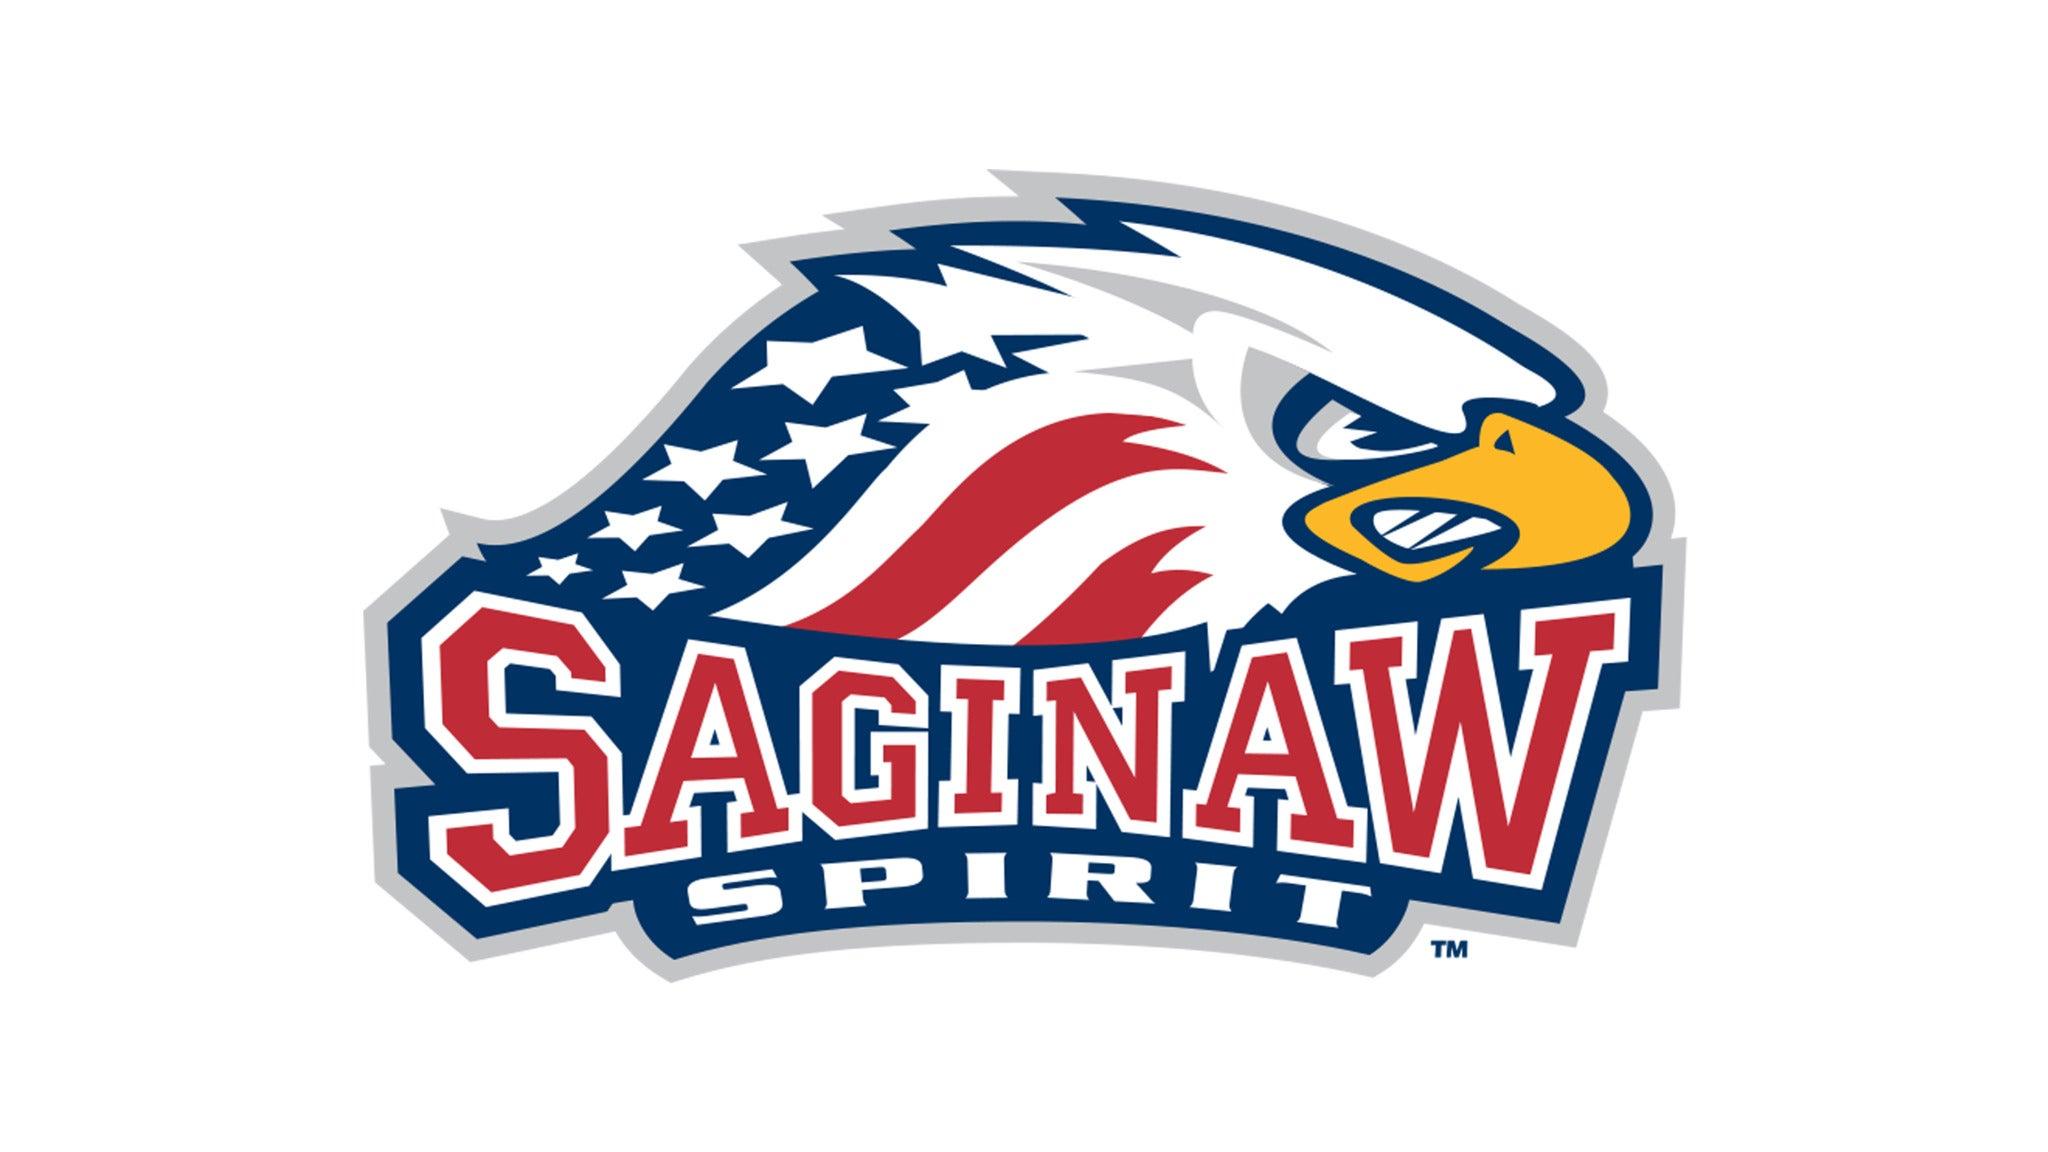 Saginaw Spirit vs. Flint Firebirds at Dow Event Center